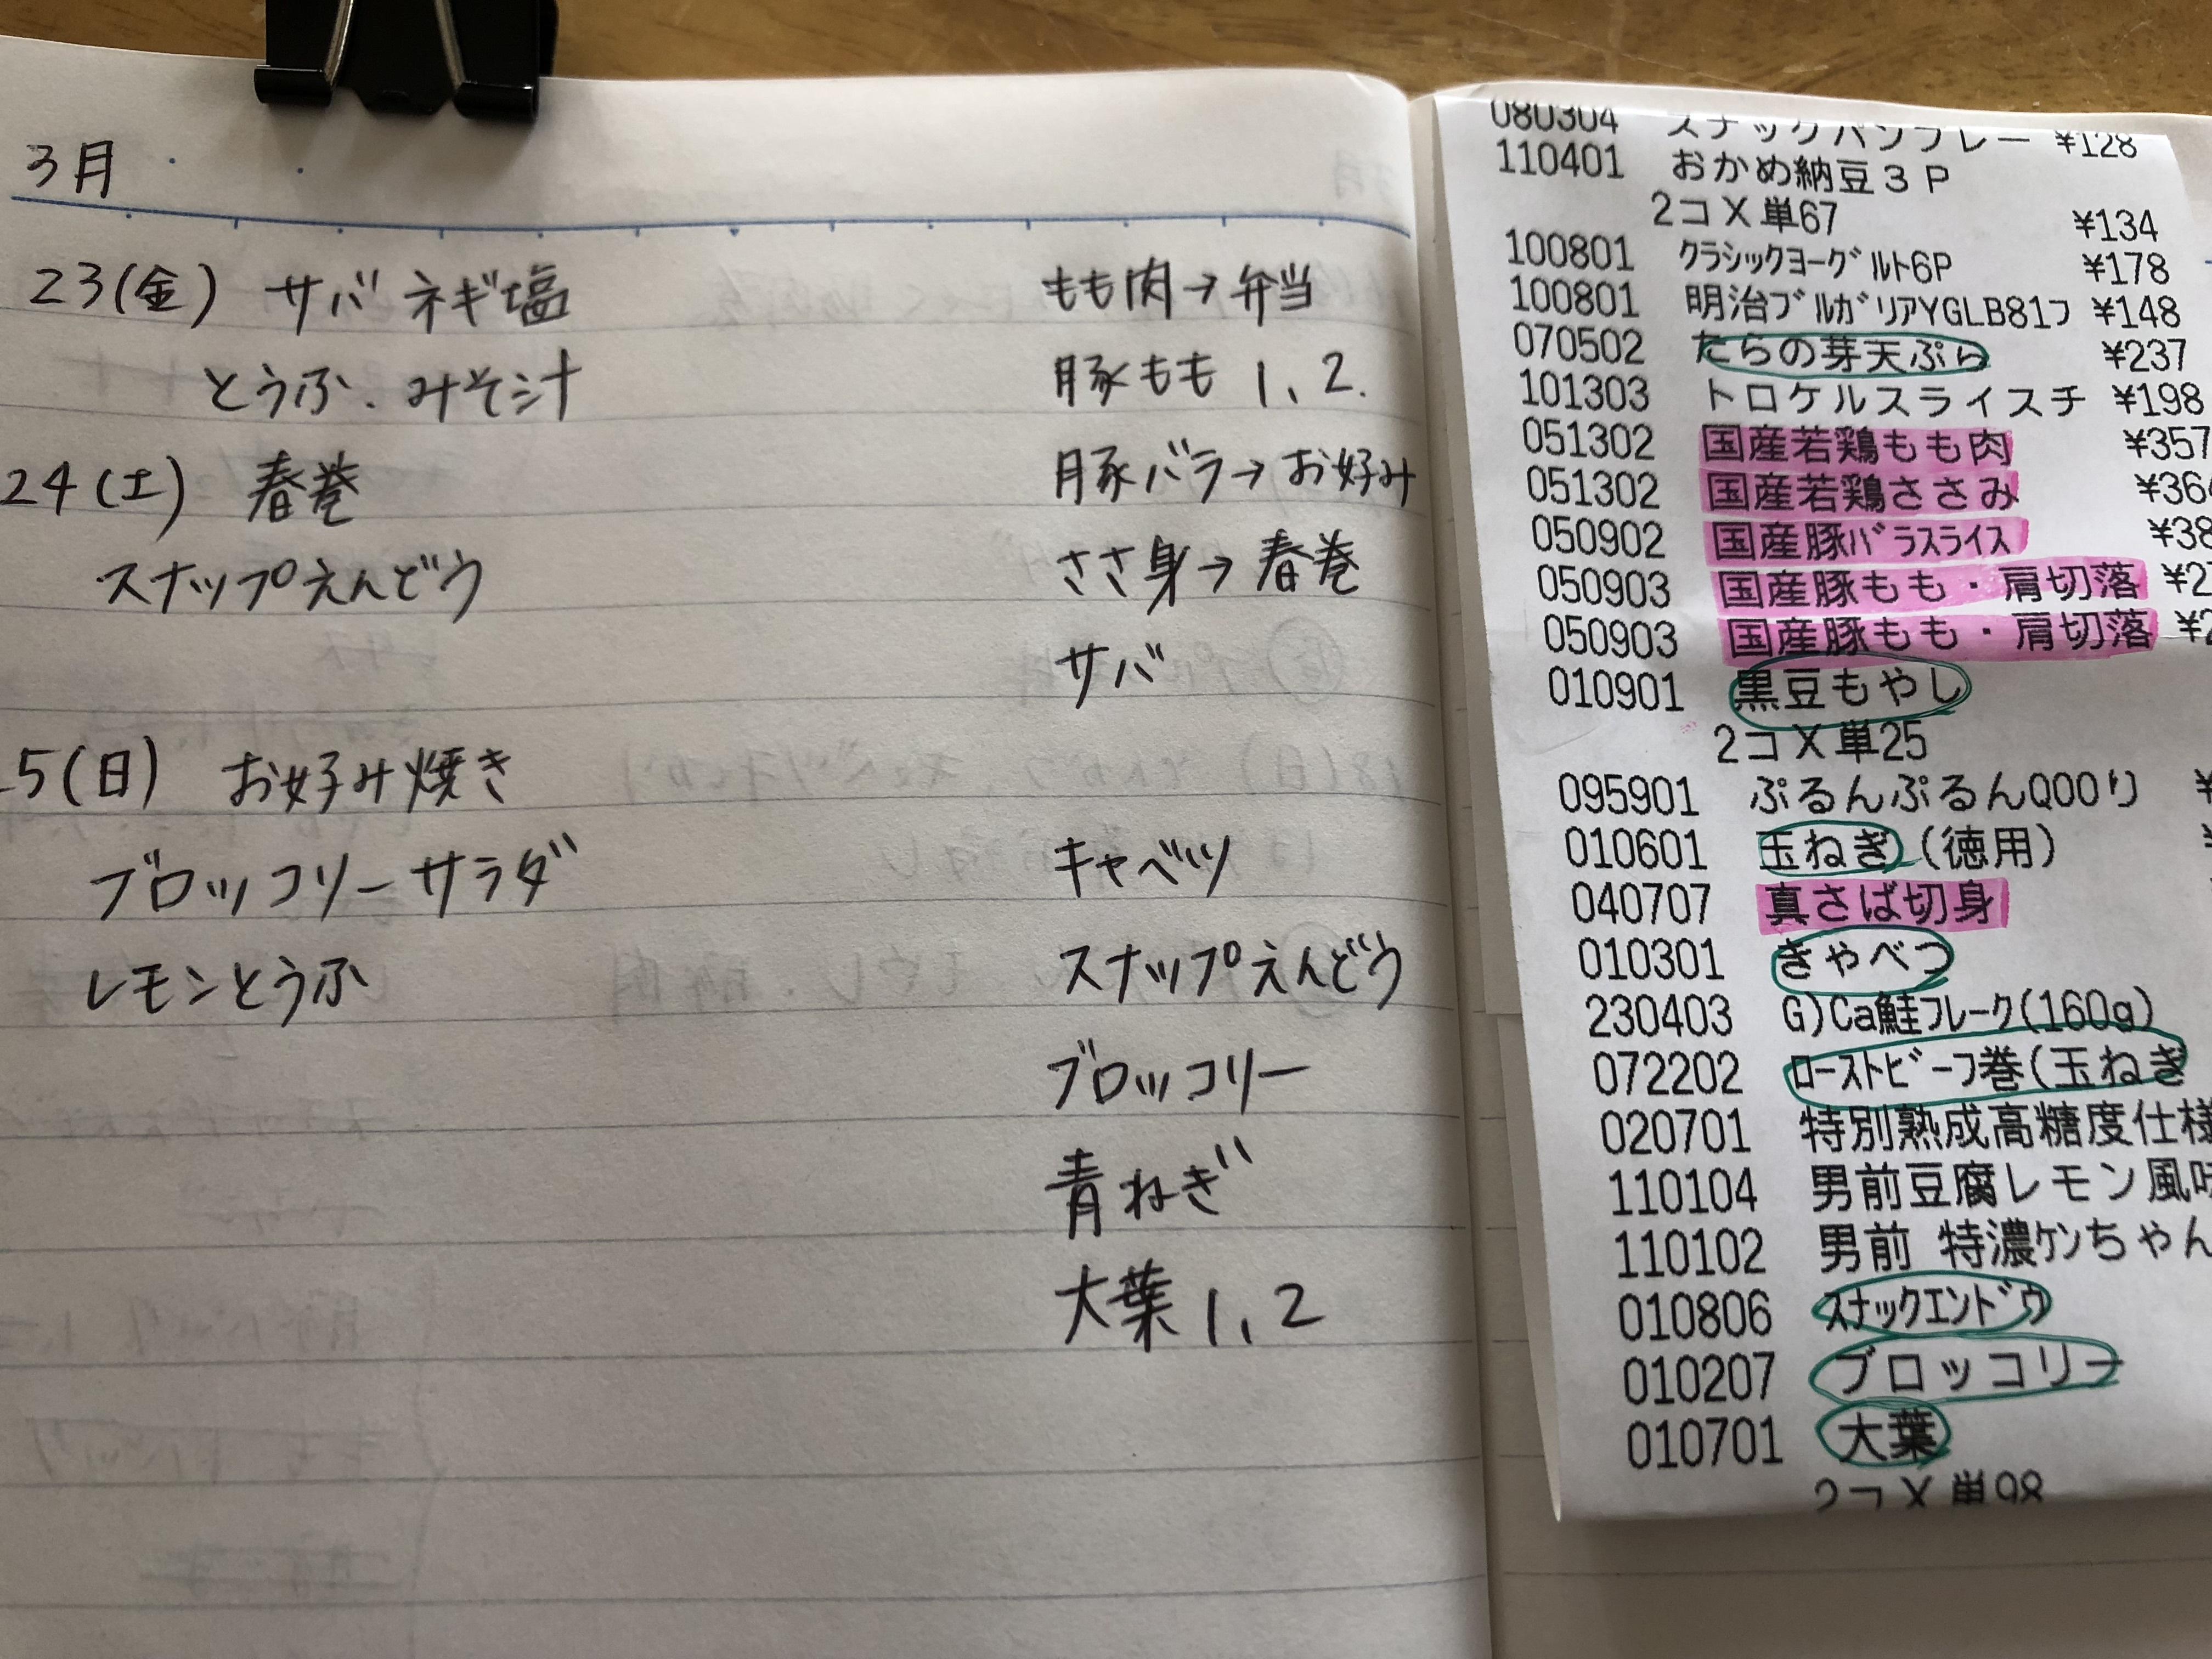 献立ノートの作り方は簡単な方が続く。書き方はシンプルで食材使い切りと節約に直結しています